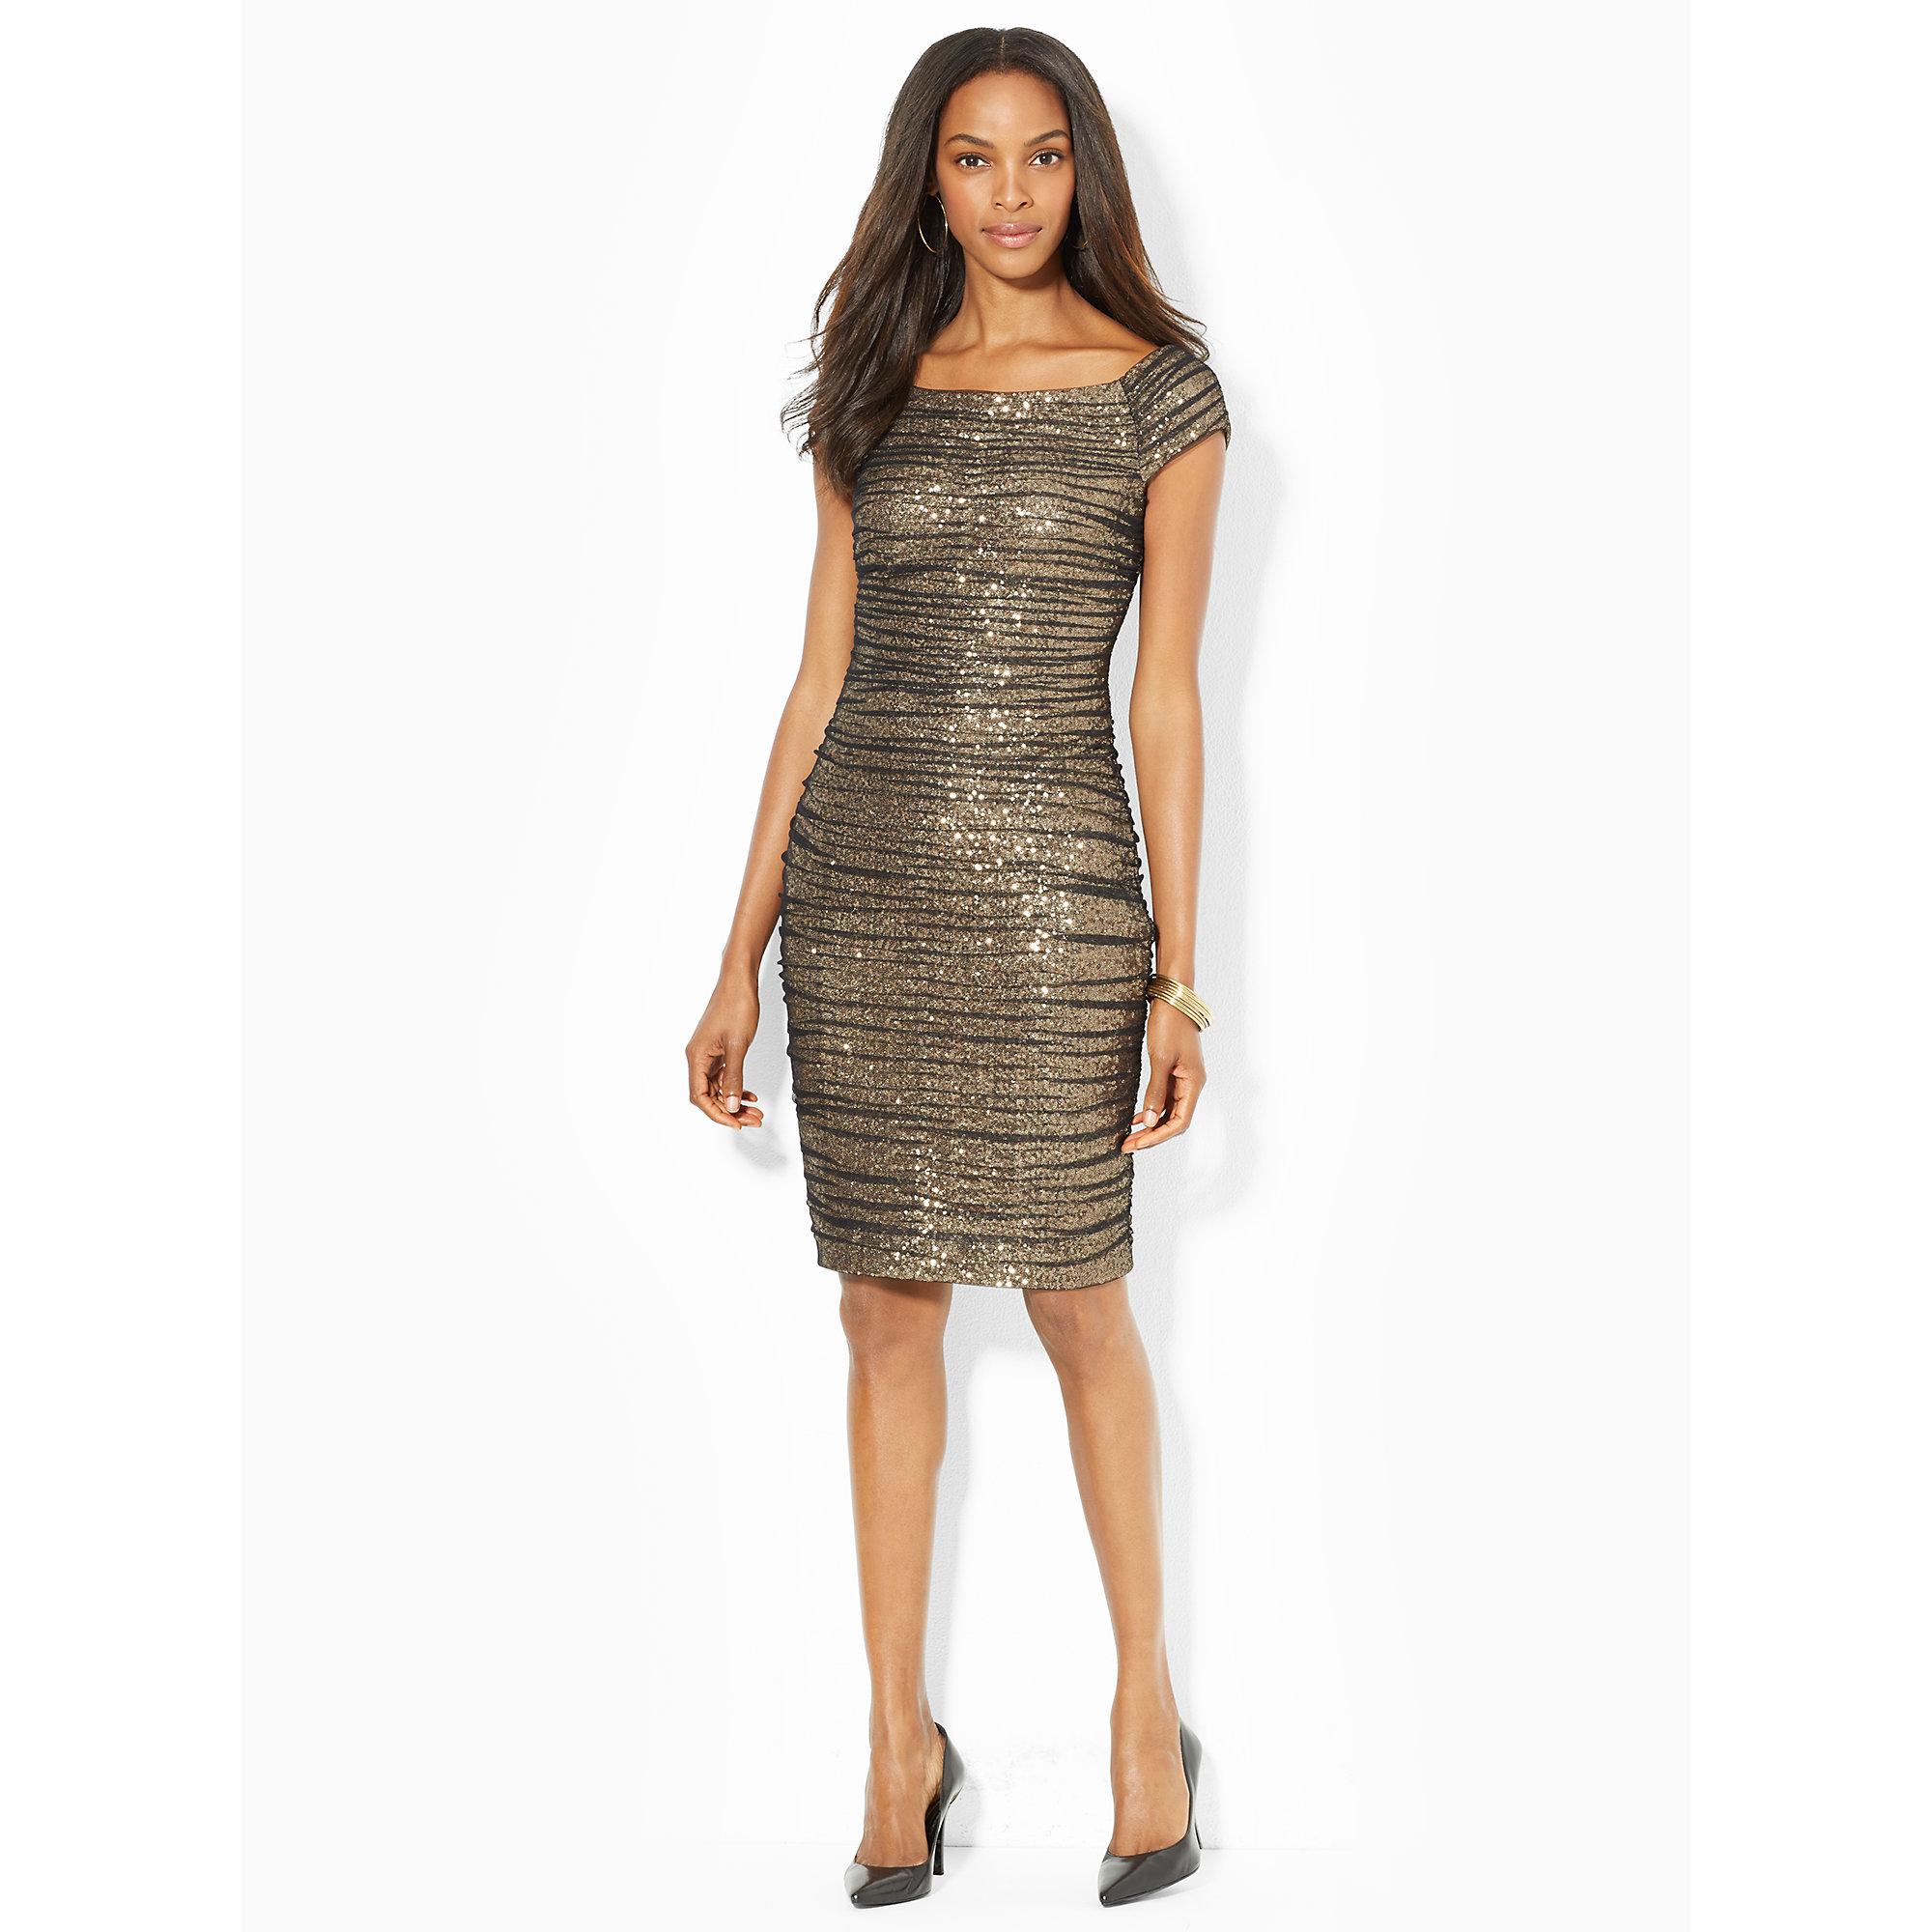 Lyst - Ralph Lauren Sequined Mesh Overlay Dress in Metallic